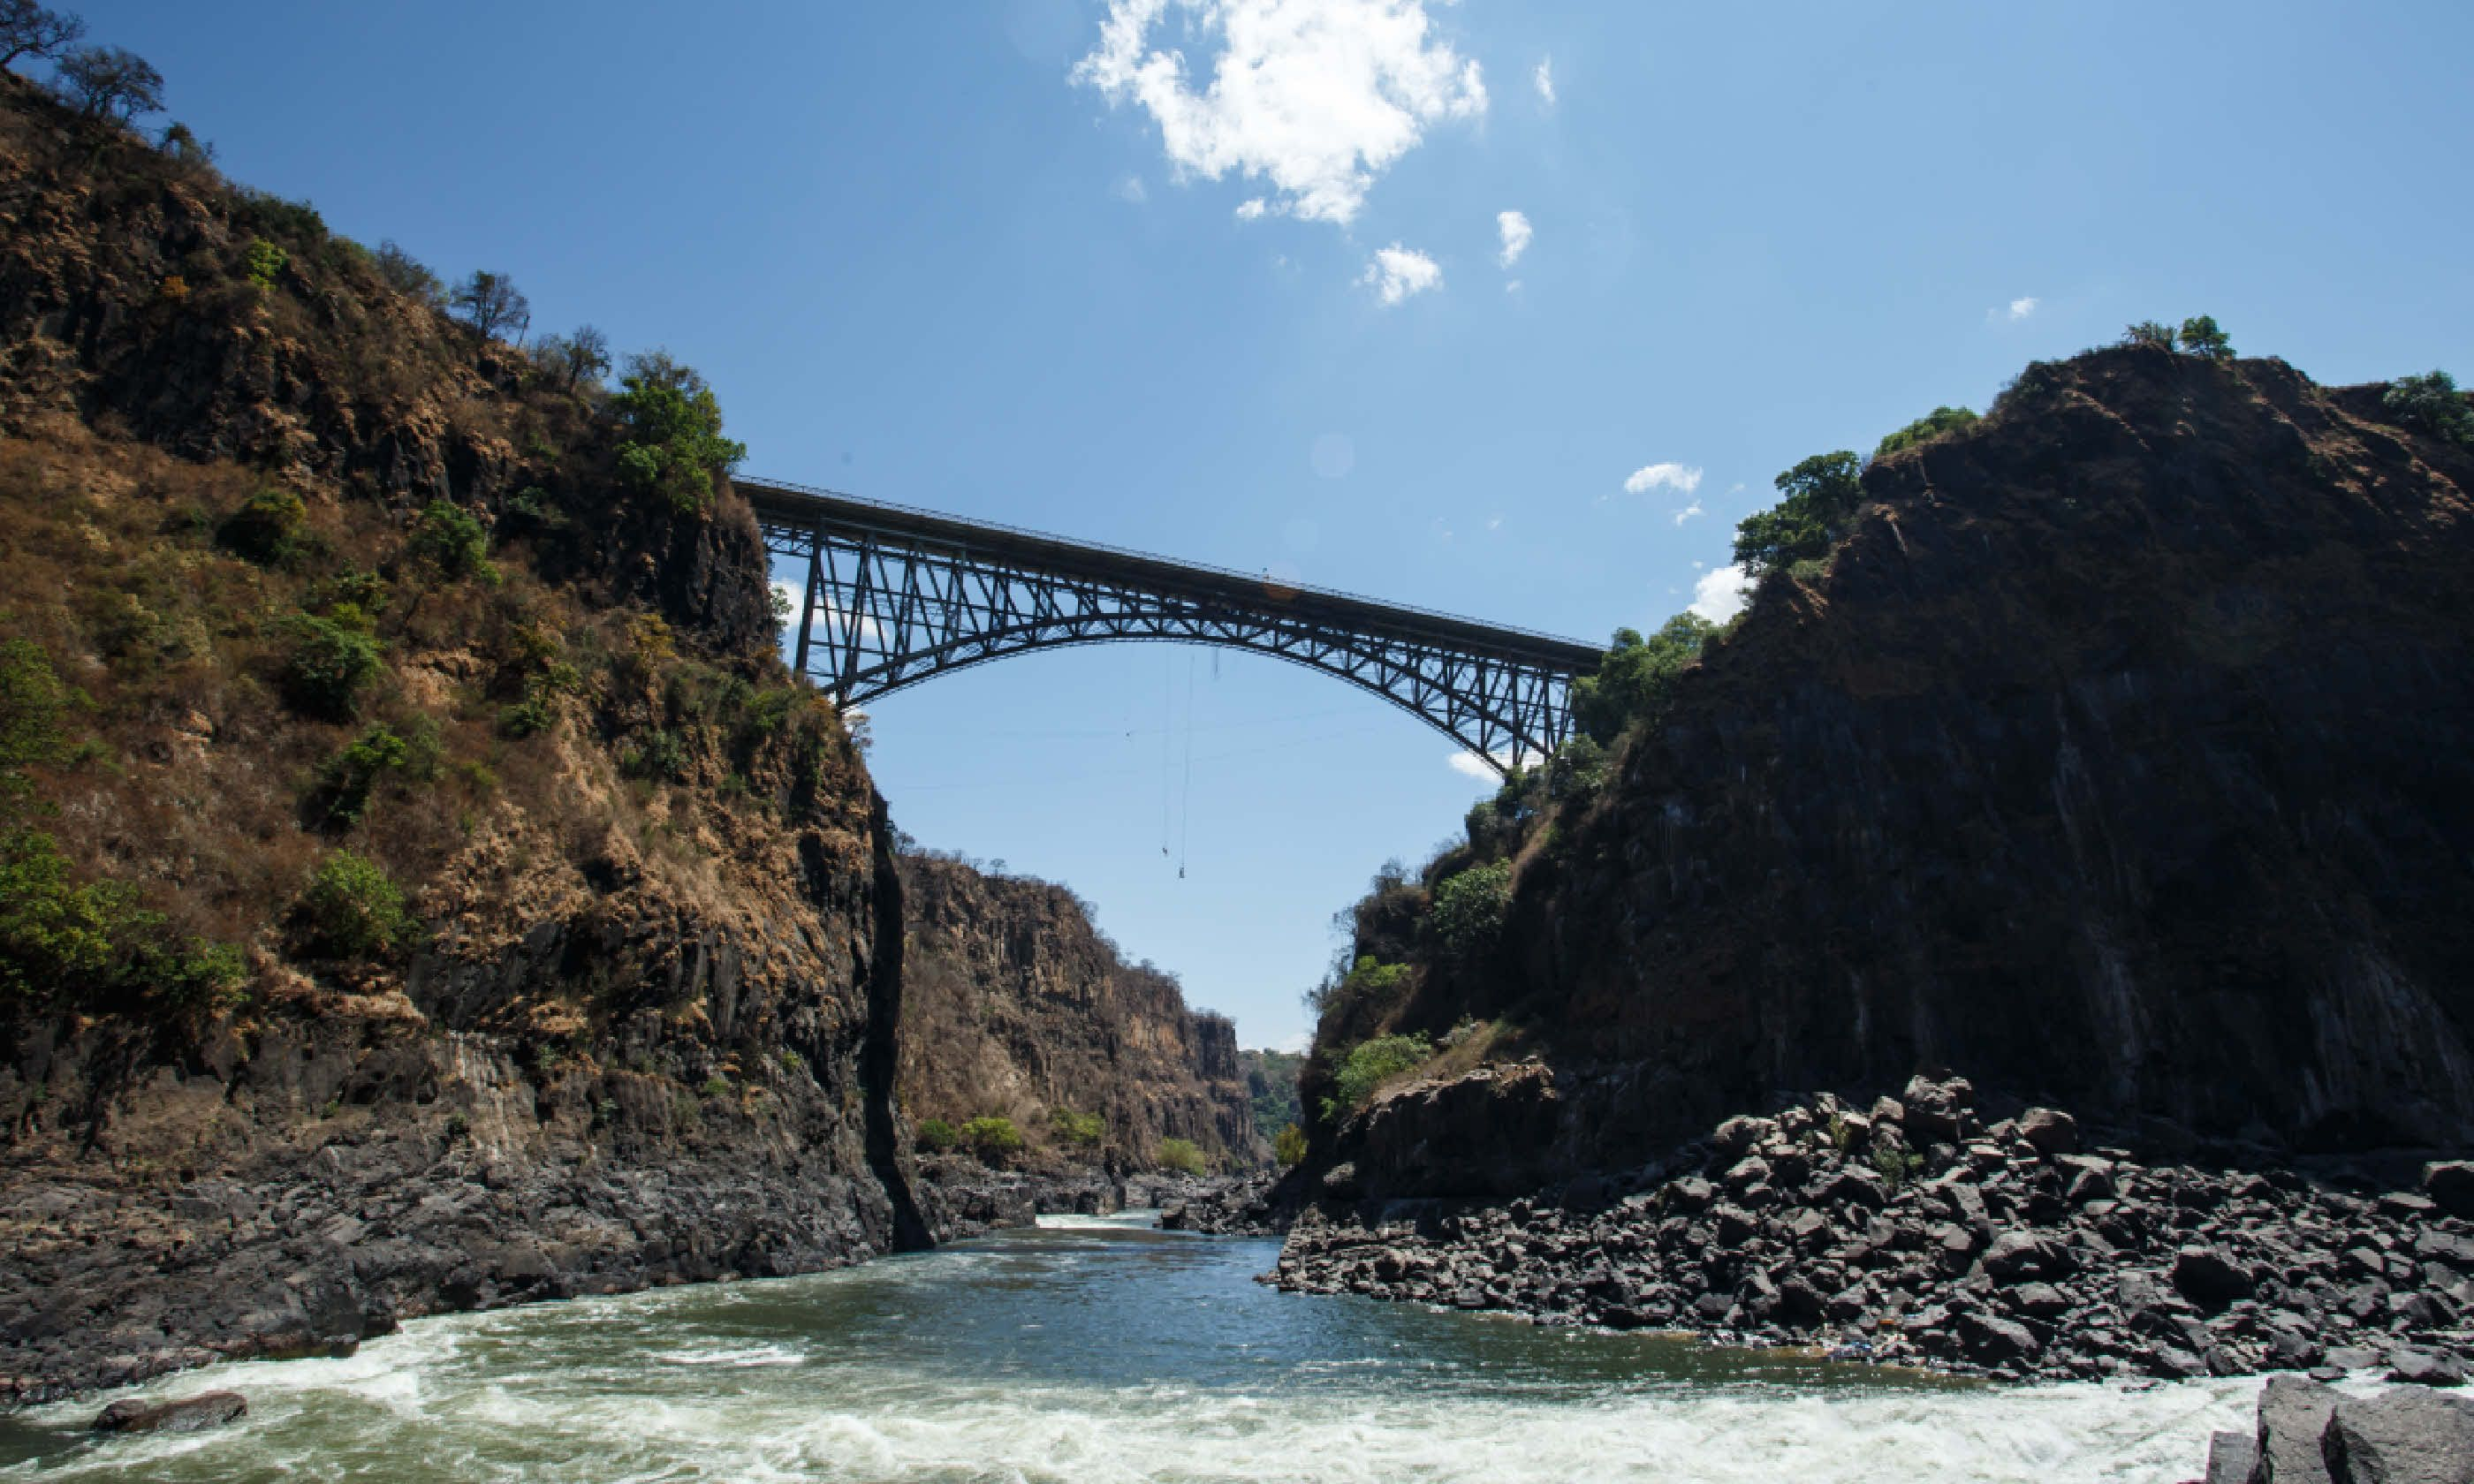 Zambezi River (Shutterstock)